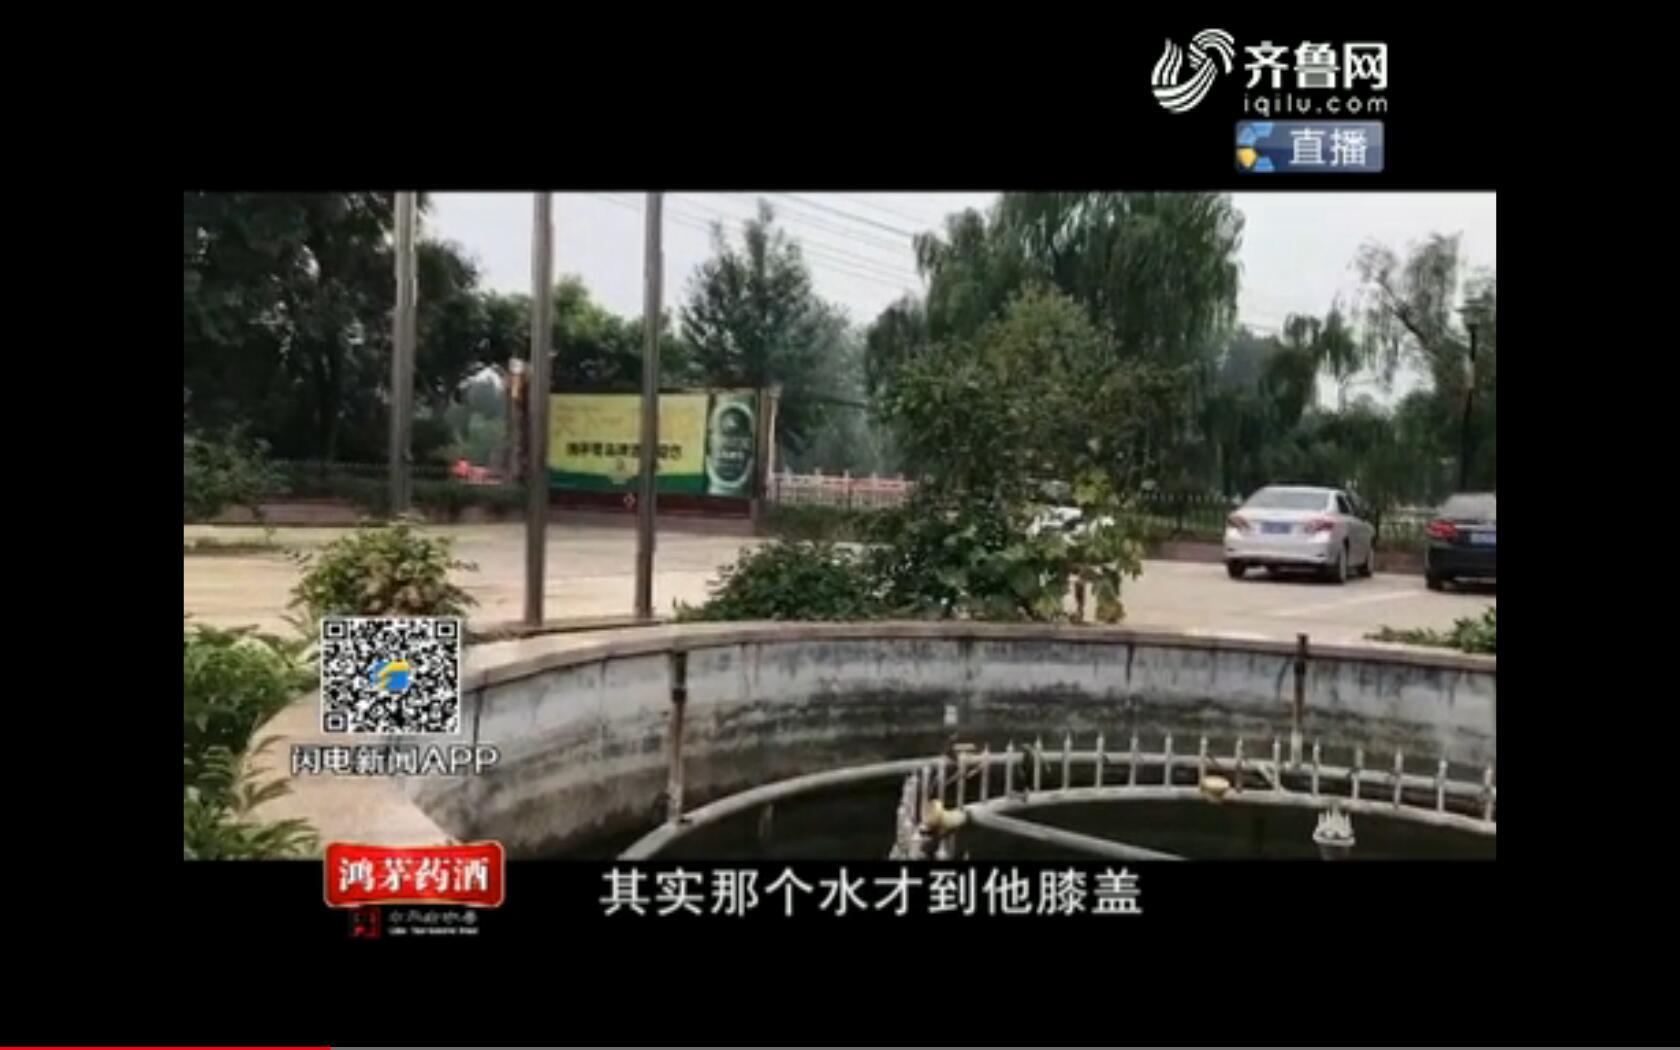 安丘:为救酒店落水孩子 男子意外身亡